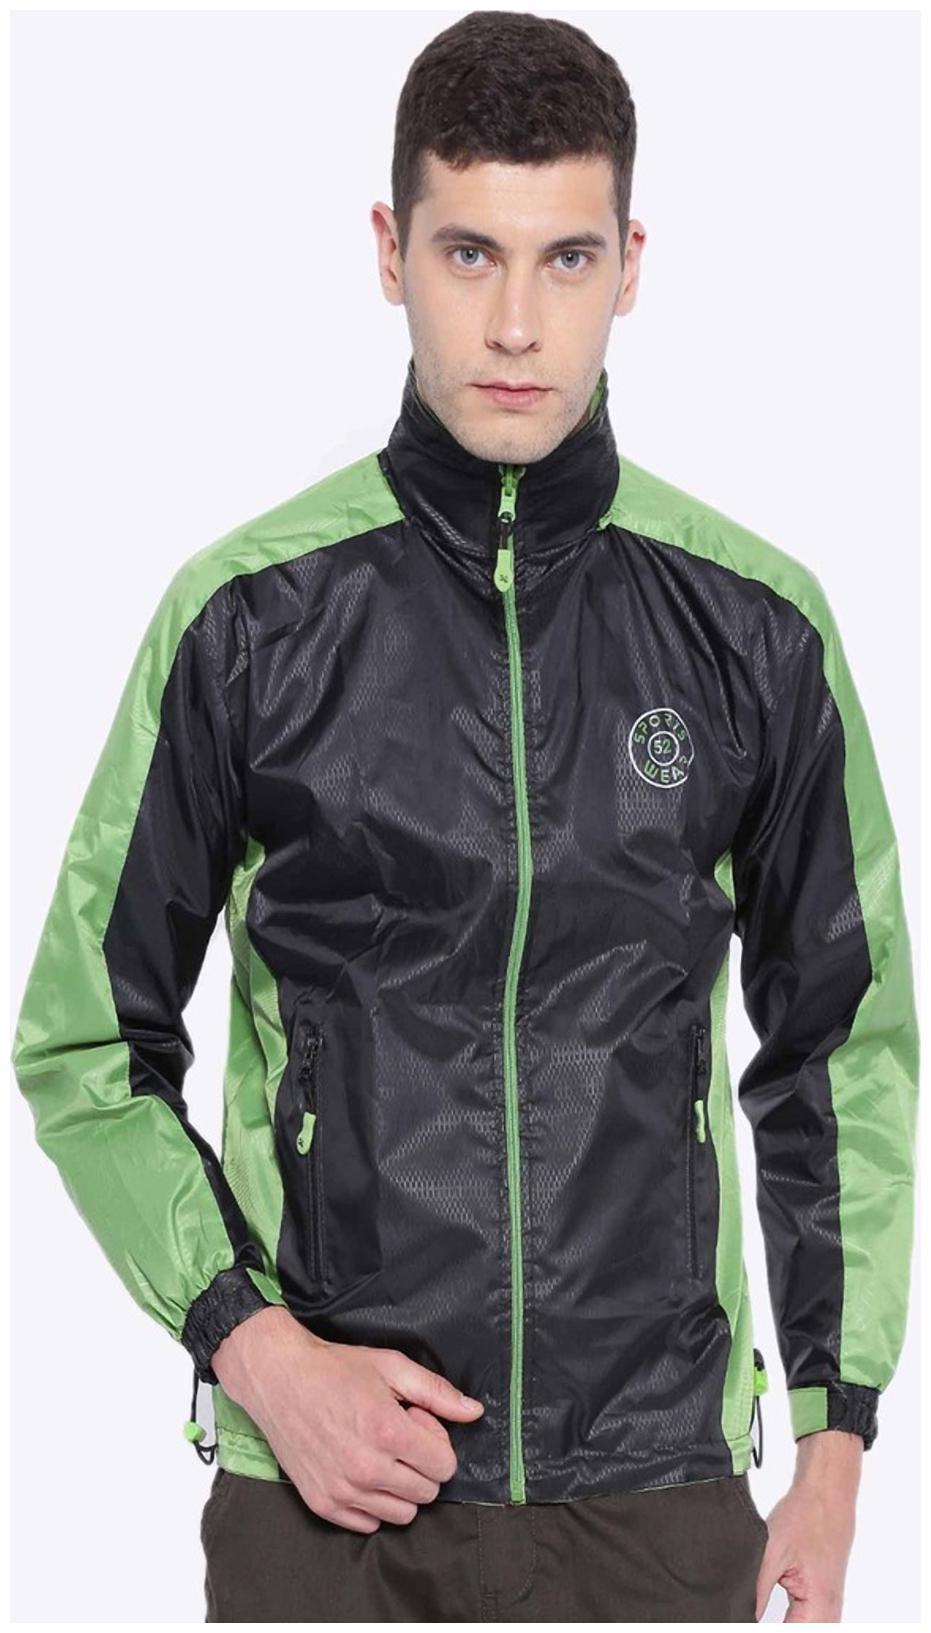 Sports 52 Wear Mens Rain Jackets